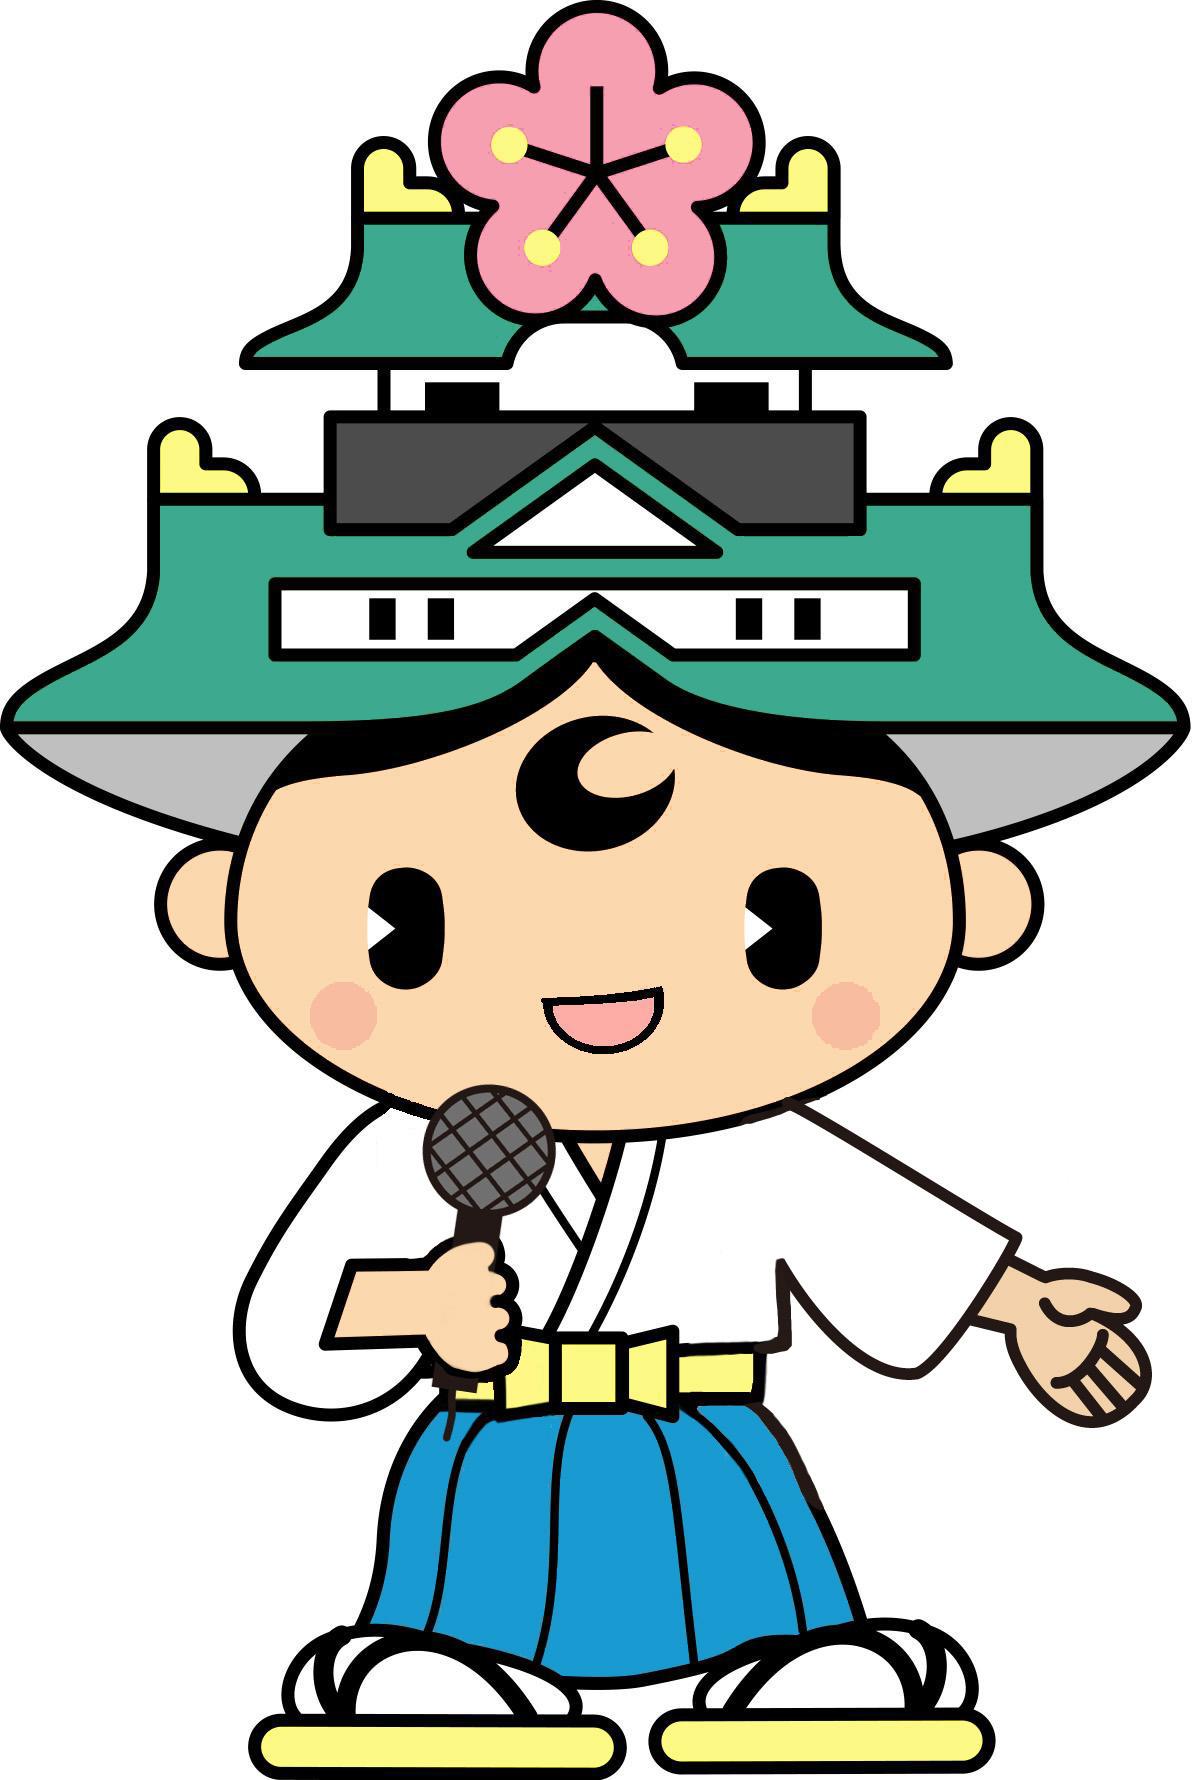 大阪市中央区 ゆめまるくん自己紹介 もっと知りたいゆめまるくんのこと 中央区マスコットキャラクター ゆめまるくん